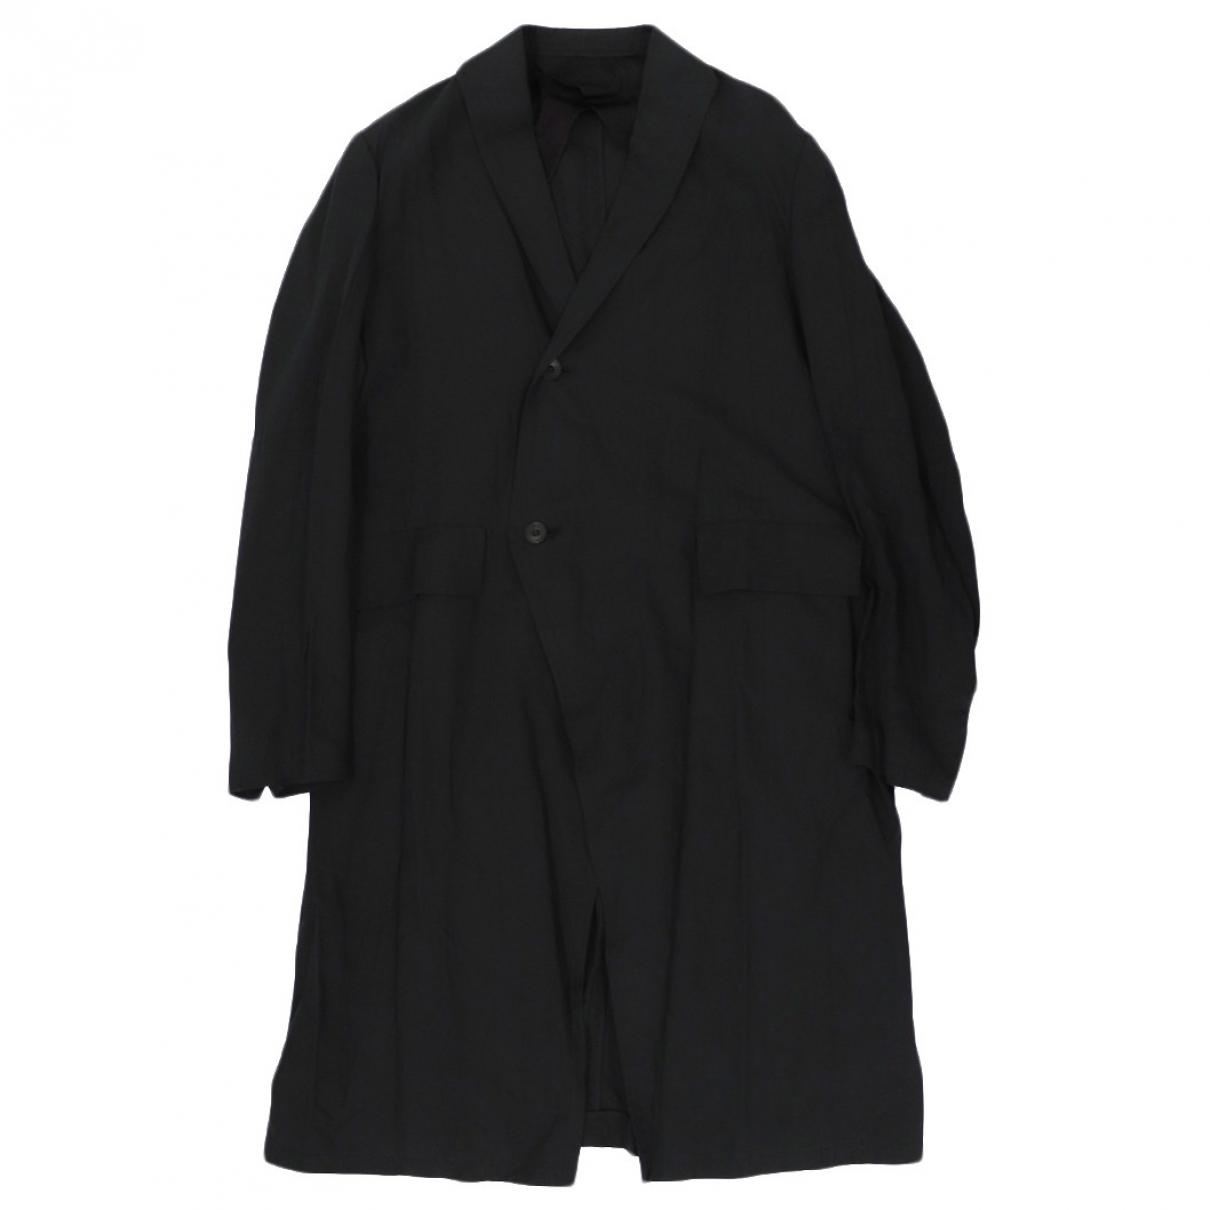 Julius 7 - Manteau   pour homme - noir